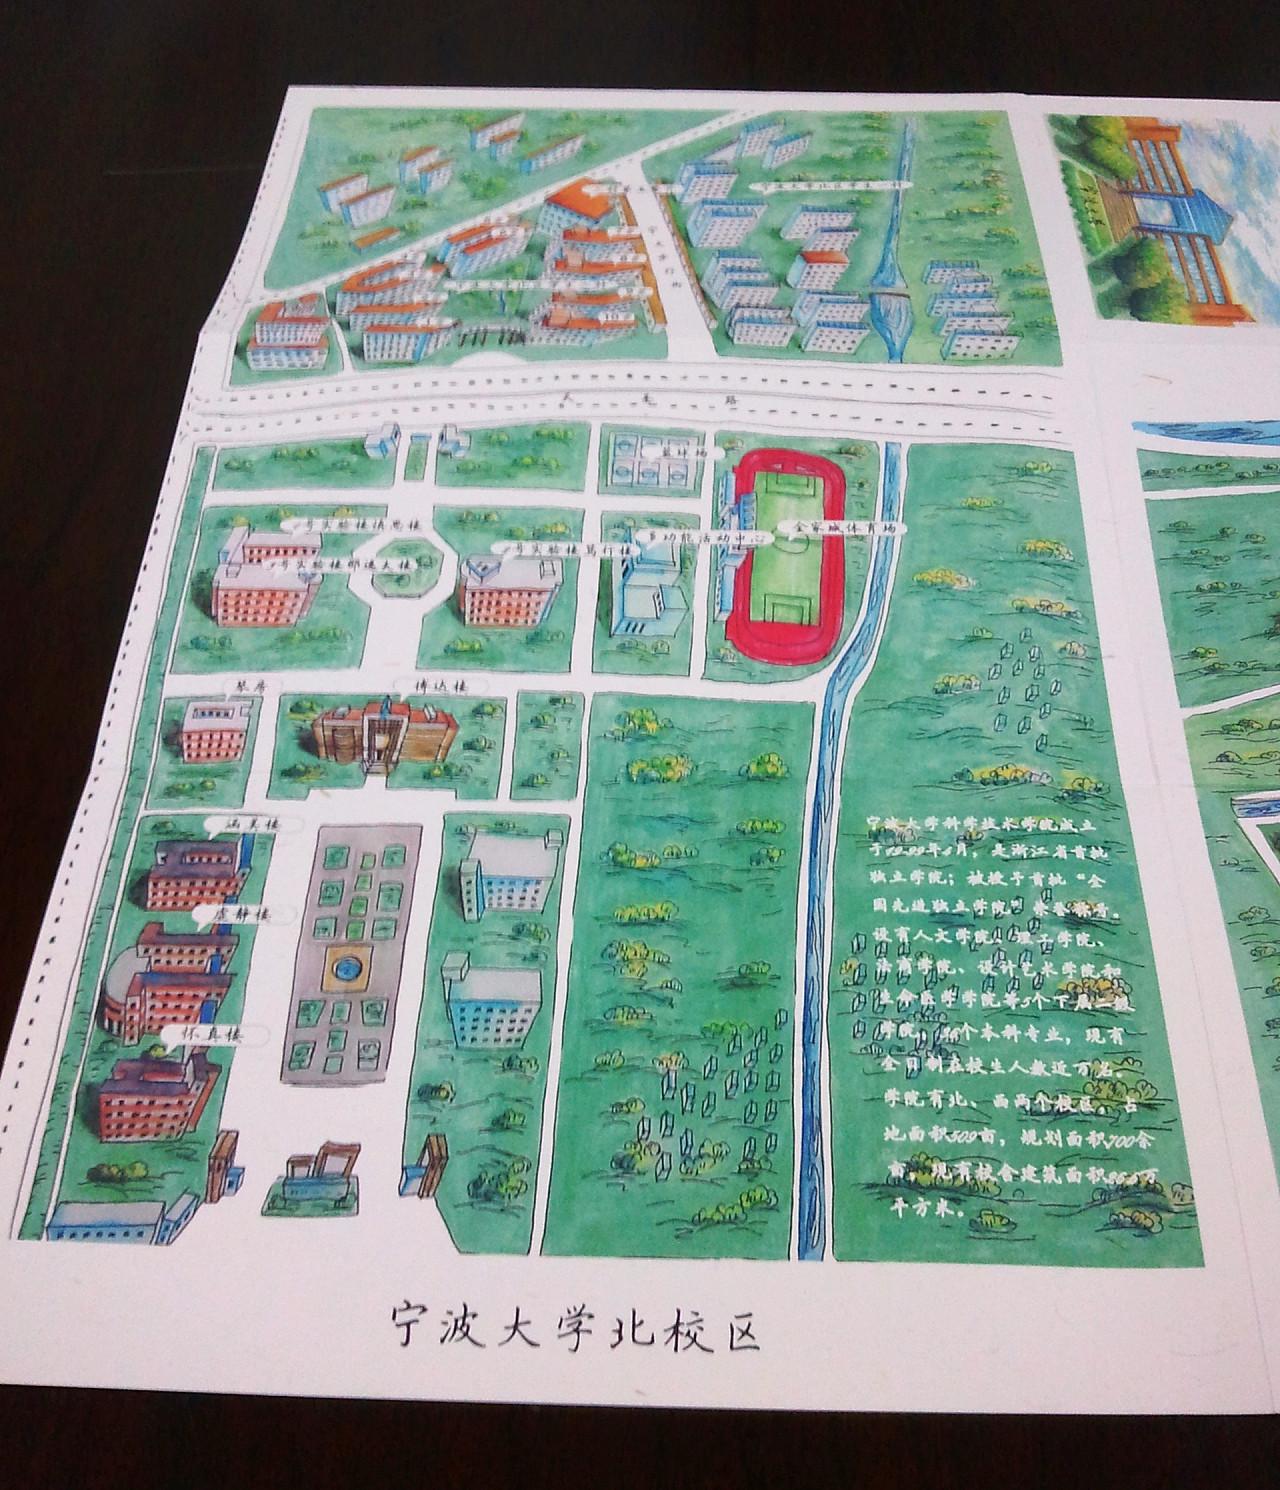 """""""此间宁大""""宁波大学校园手绘地图第二版"""